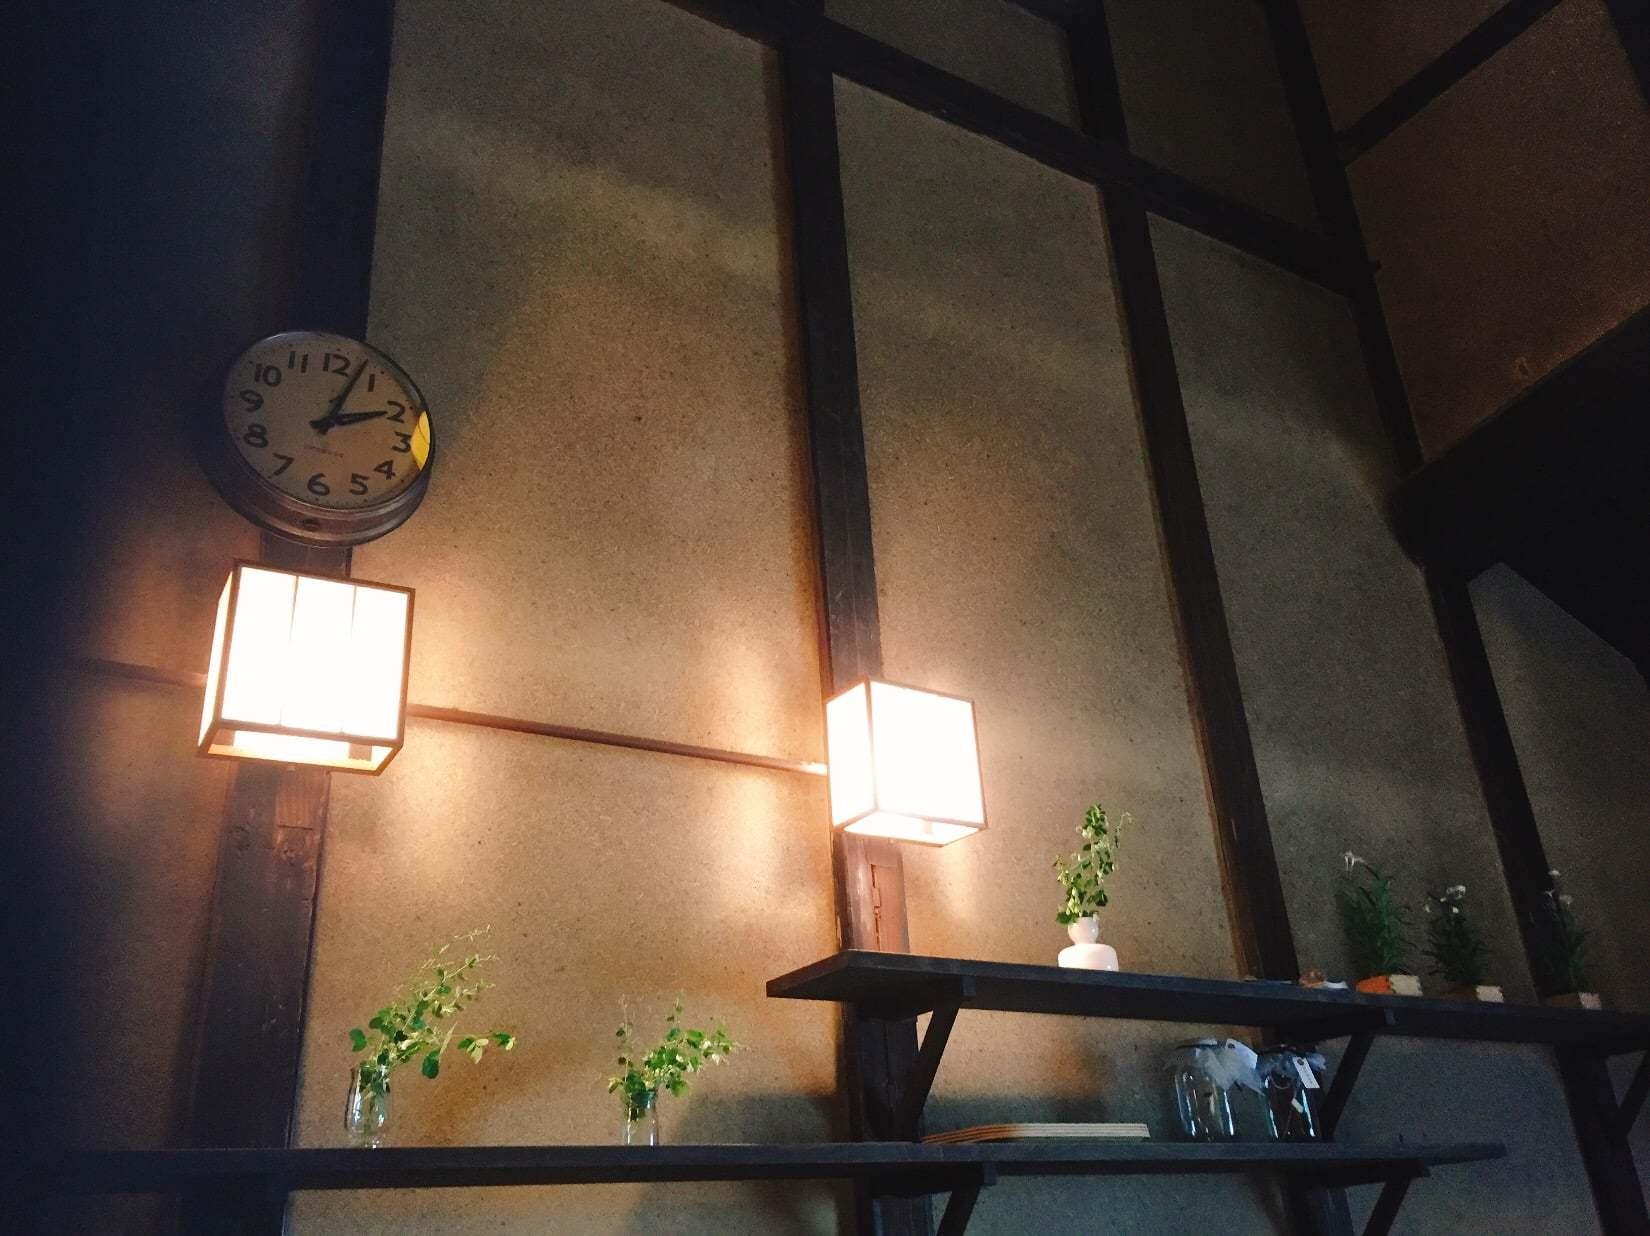 2019.9.21(土)・9.21(日) 期間限定カフェ『Väri Cafe(ヴァリ・カフェ)』オープン_b0133727_01471878.jpg